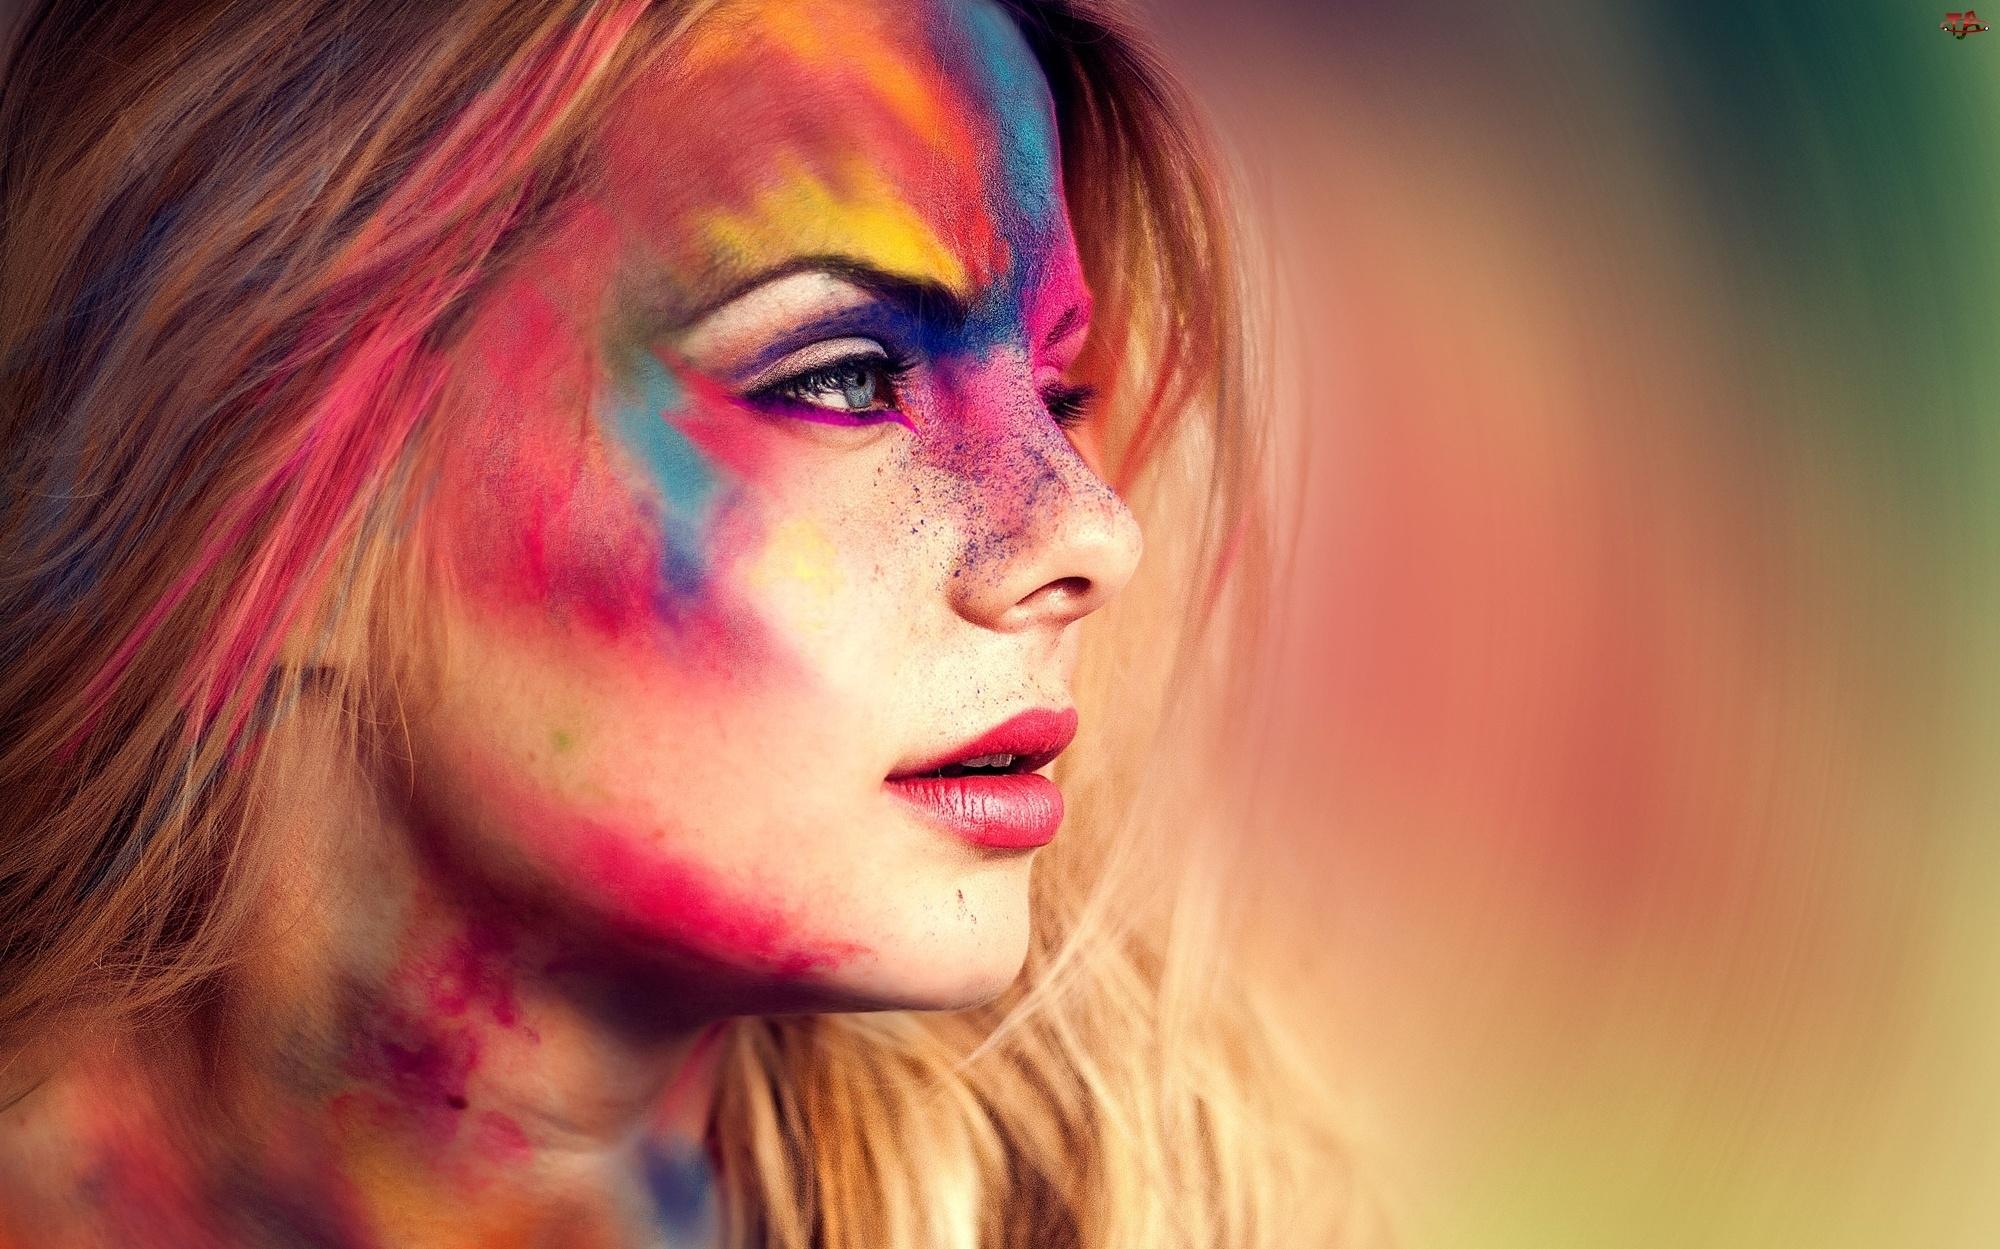 Farby, Kobieta, Blondynka